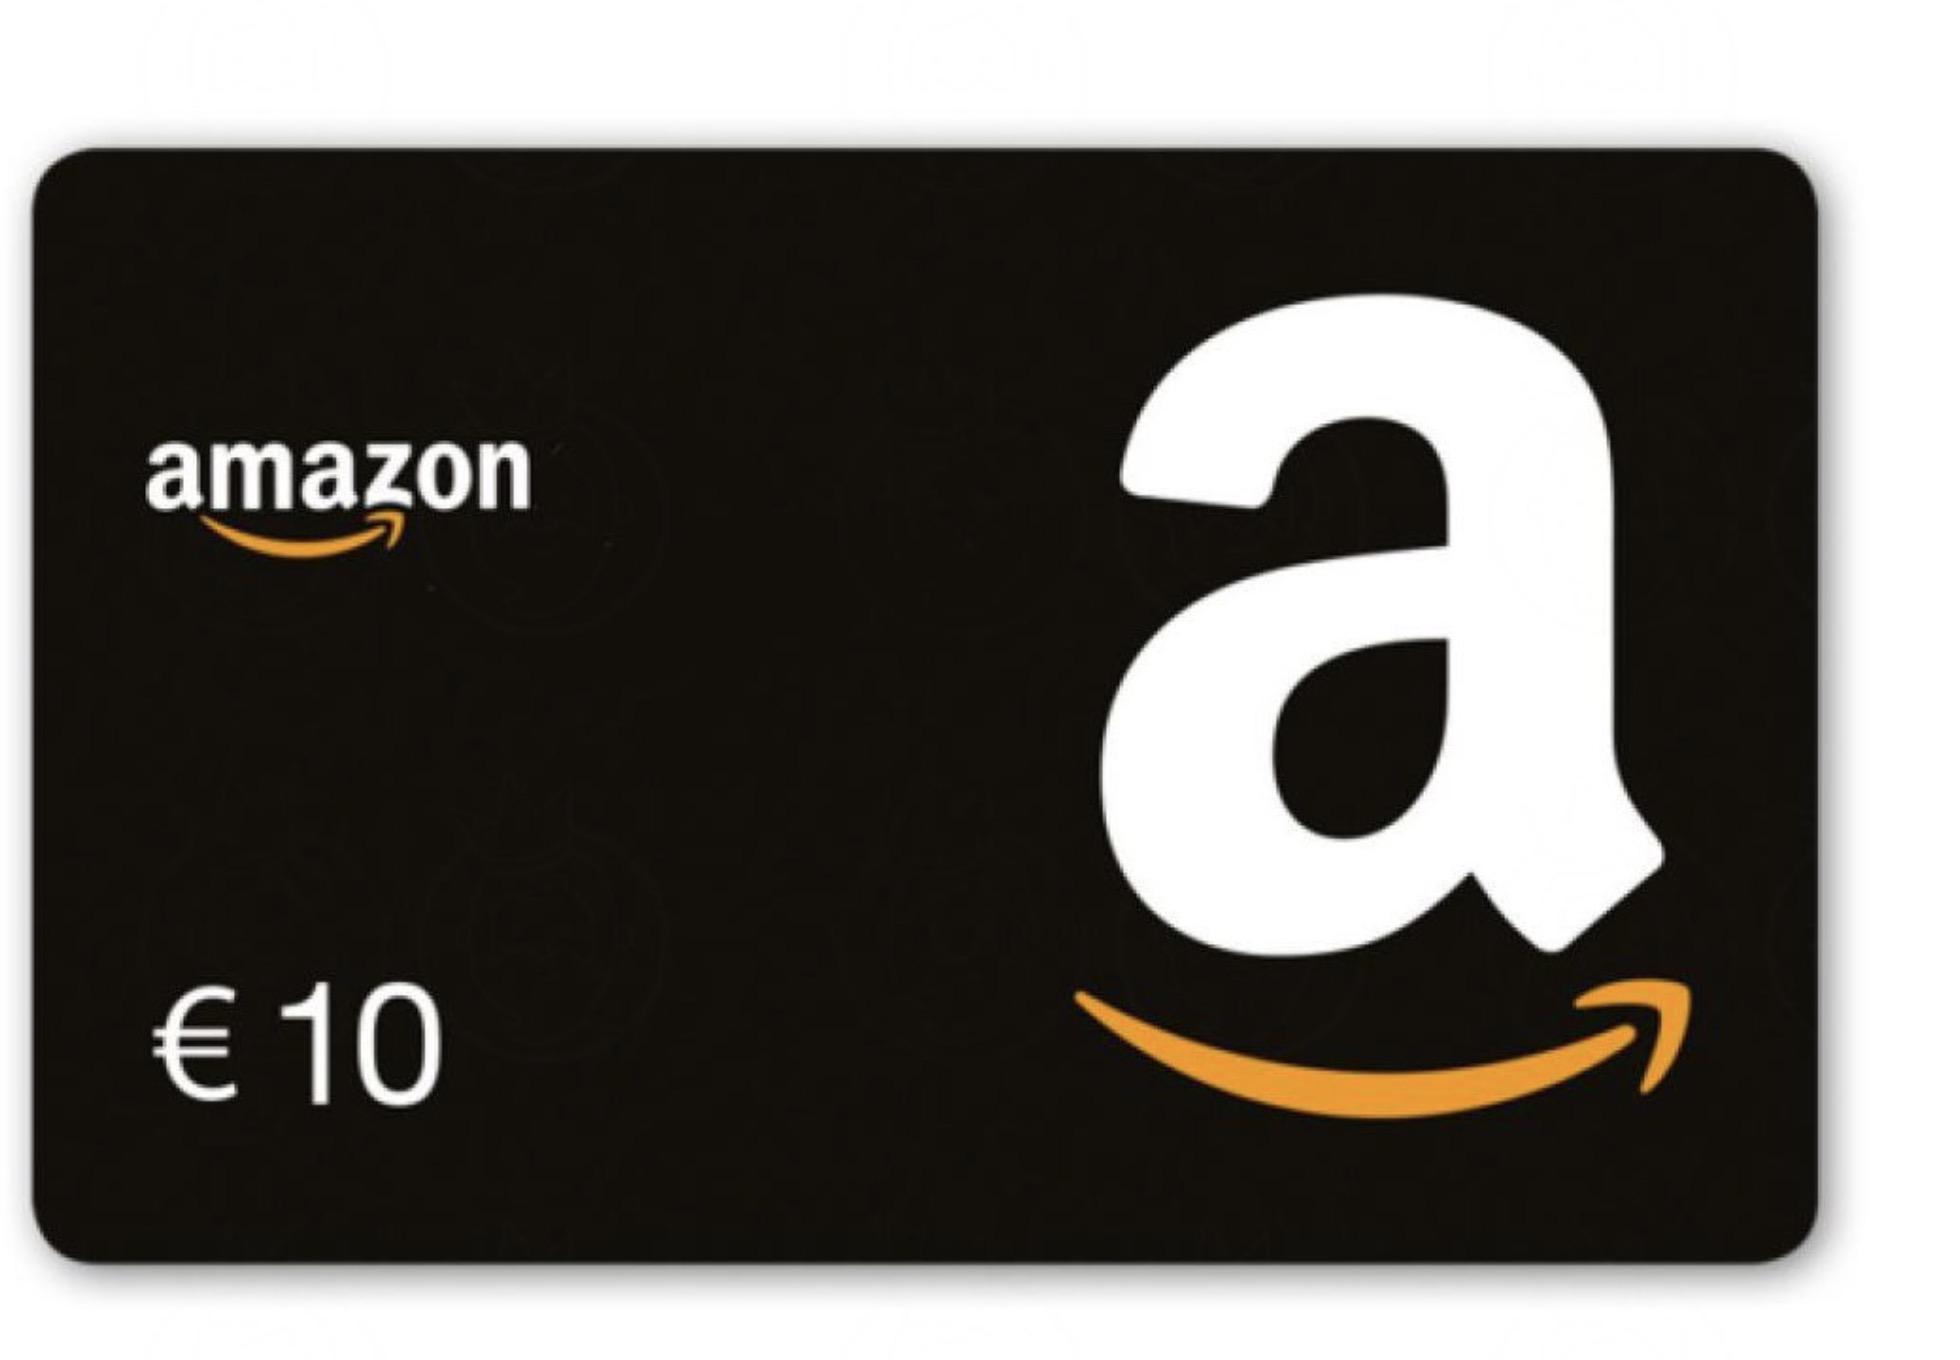 Recibe 10€ en Amazon al añadir cuenta bancaria